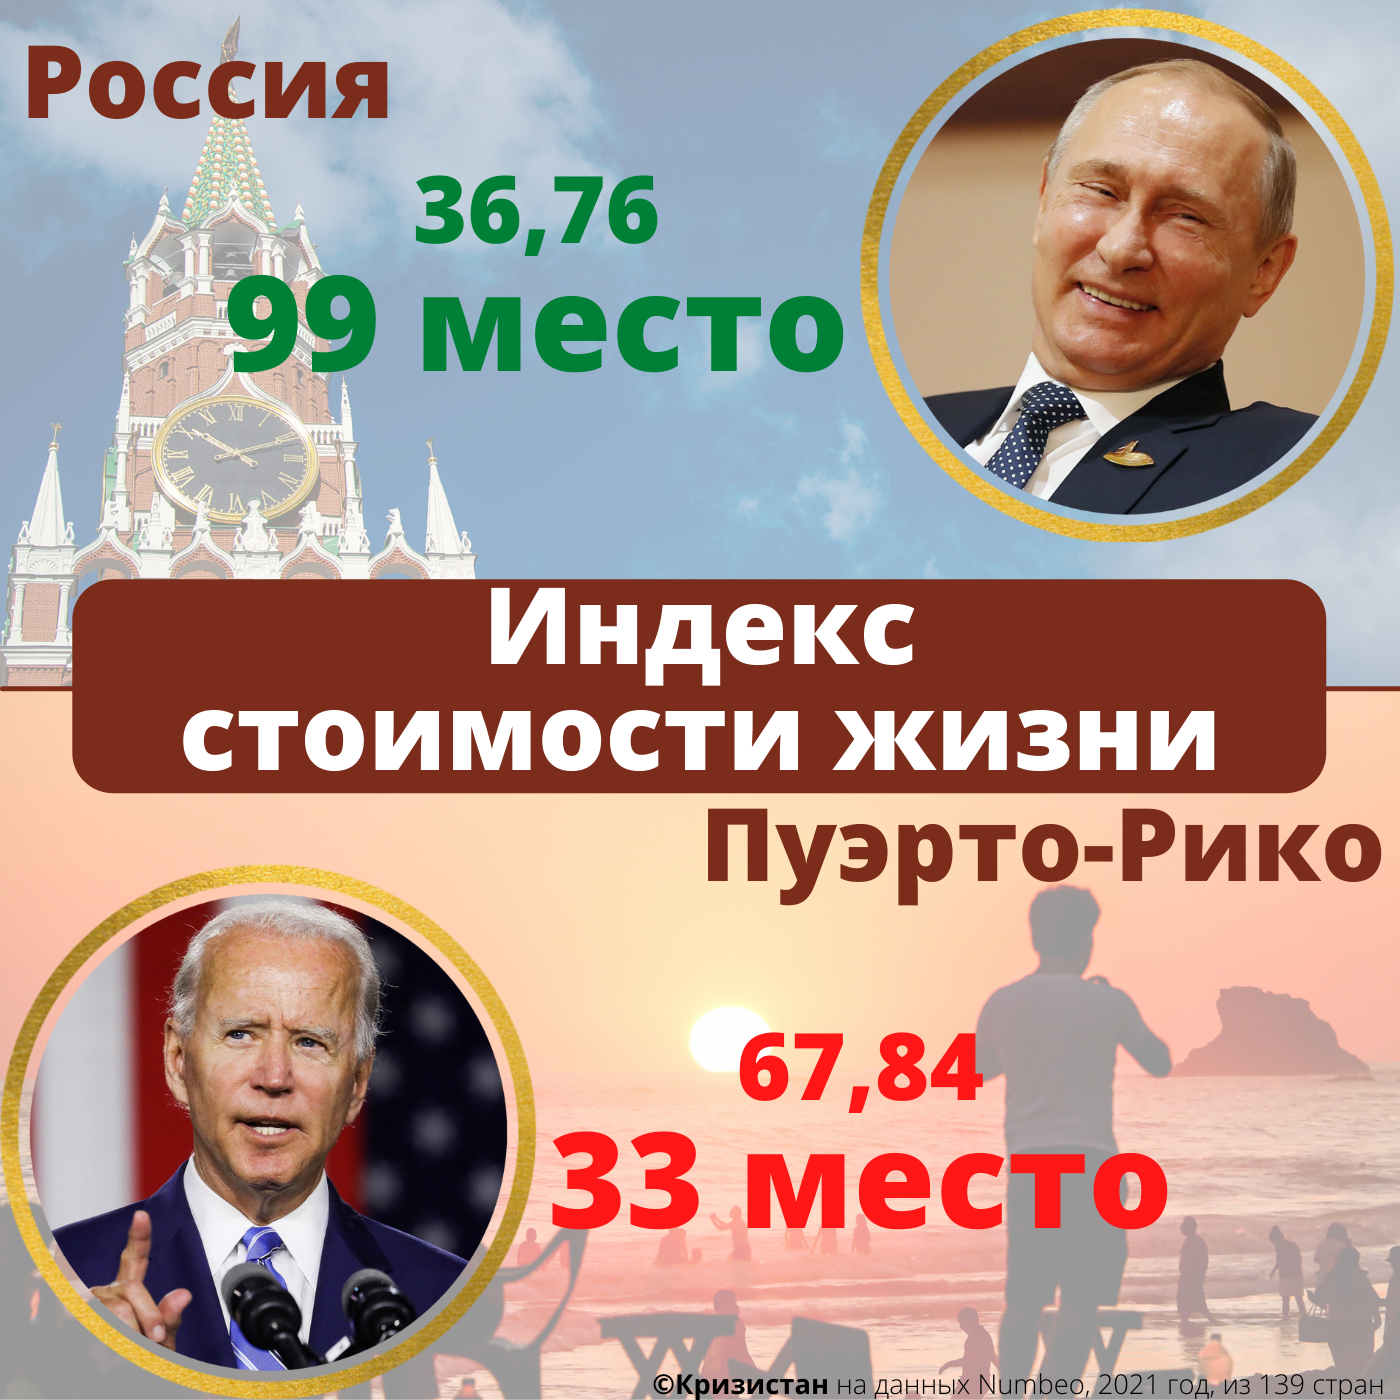 Стоимость жизни в России и Пуэрто-Рико